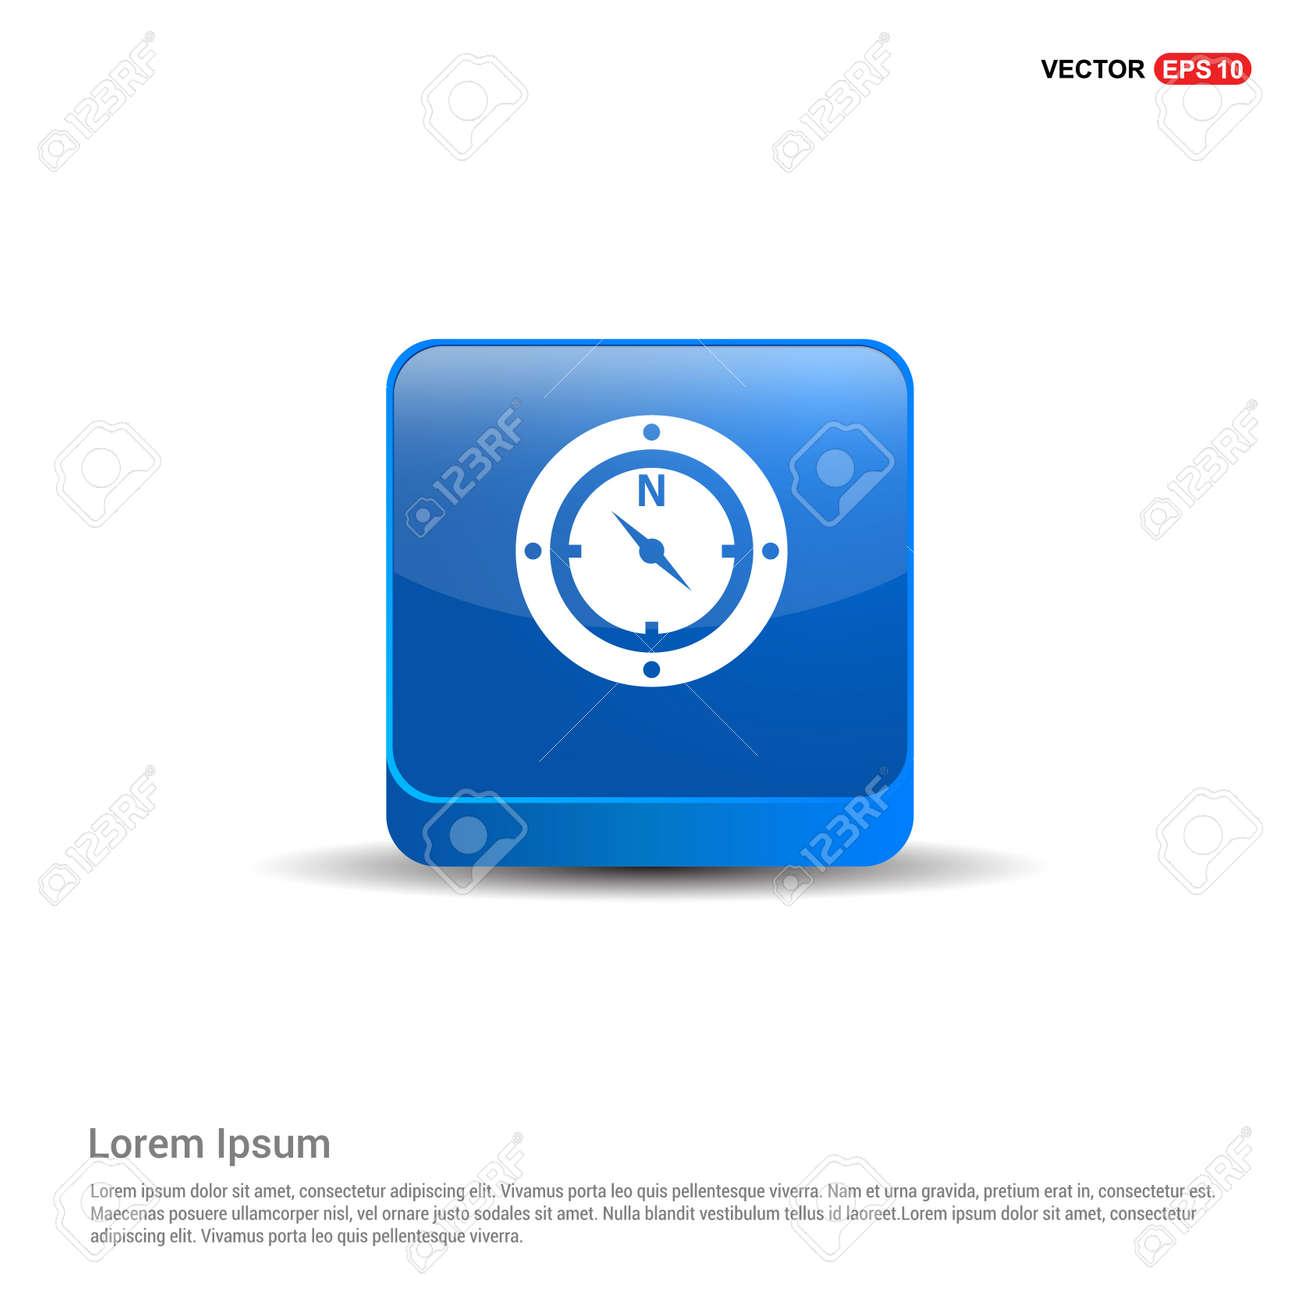 Compass Icon - 3d Blue Button. - 122160368